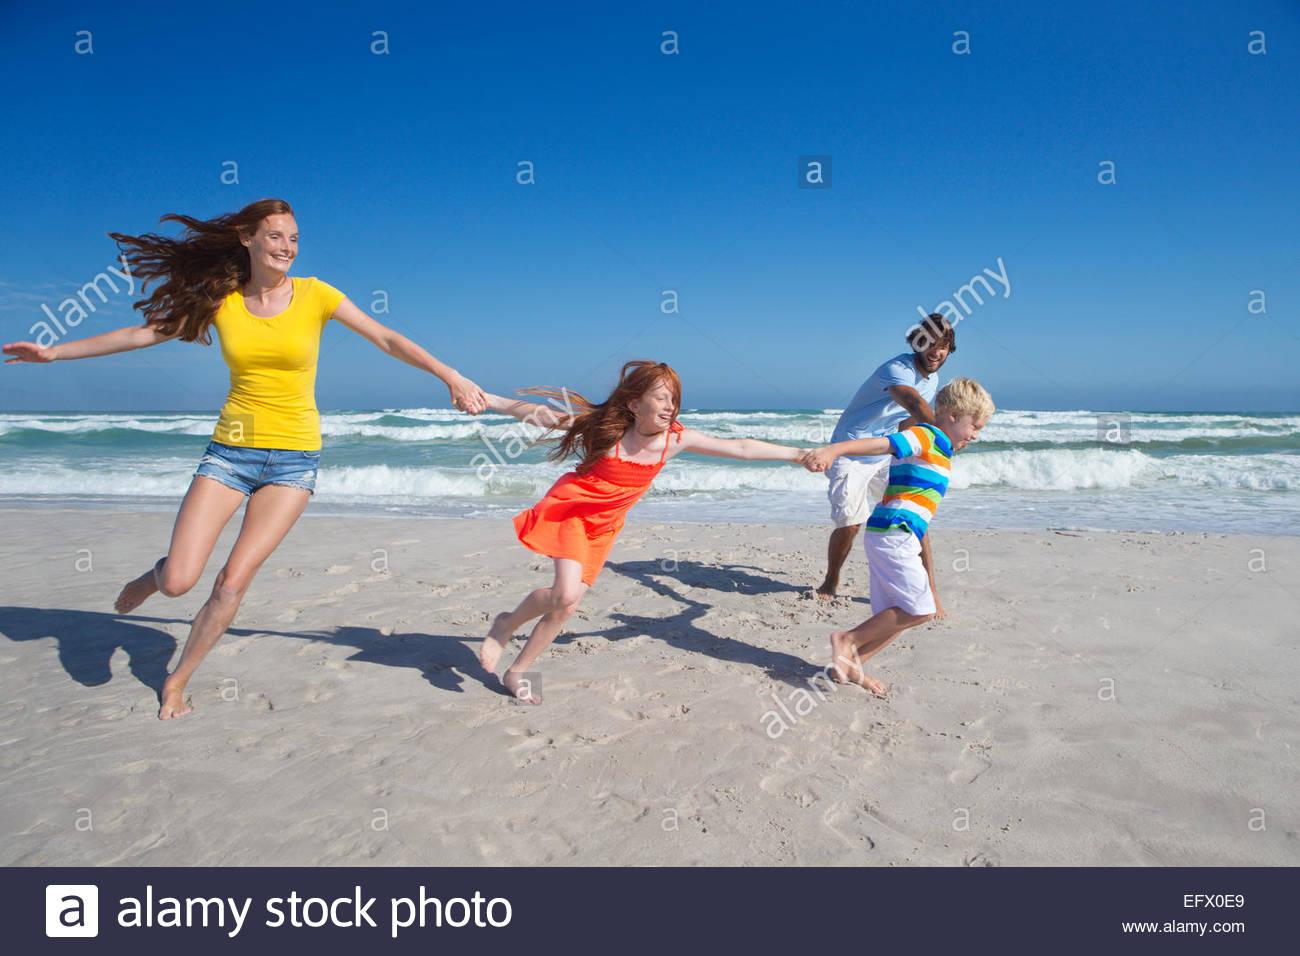 La famiglia felice Holding Hands, esecuzione e tirando ogni altro lungo sunny beach Immagini Stock